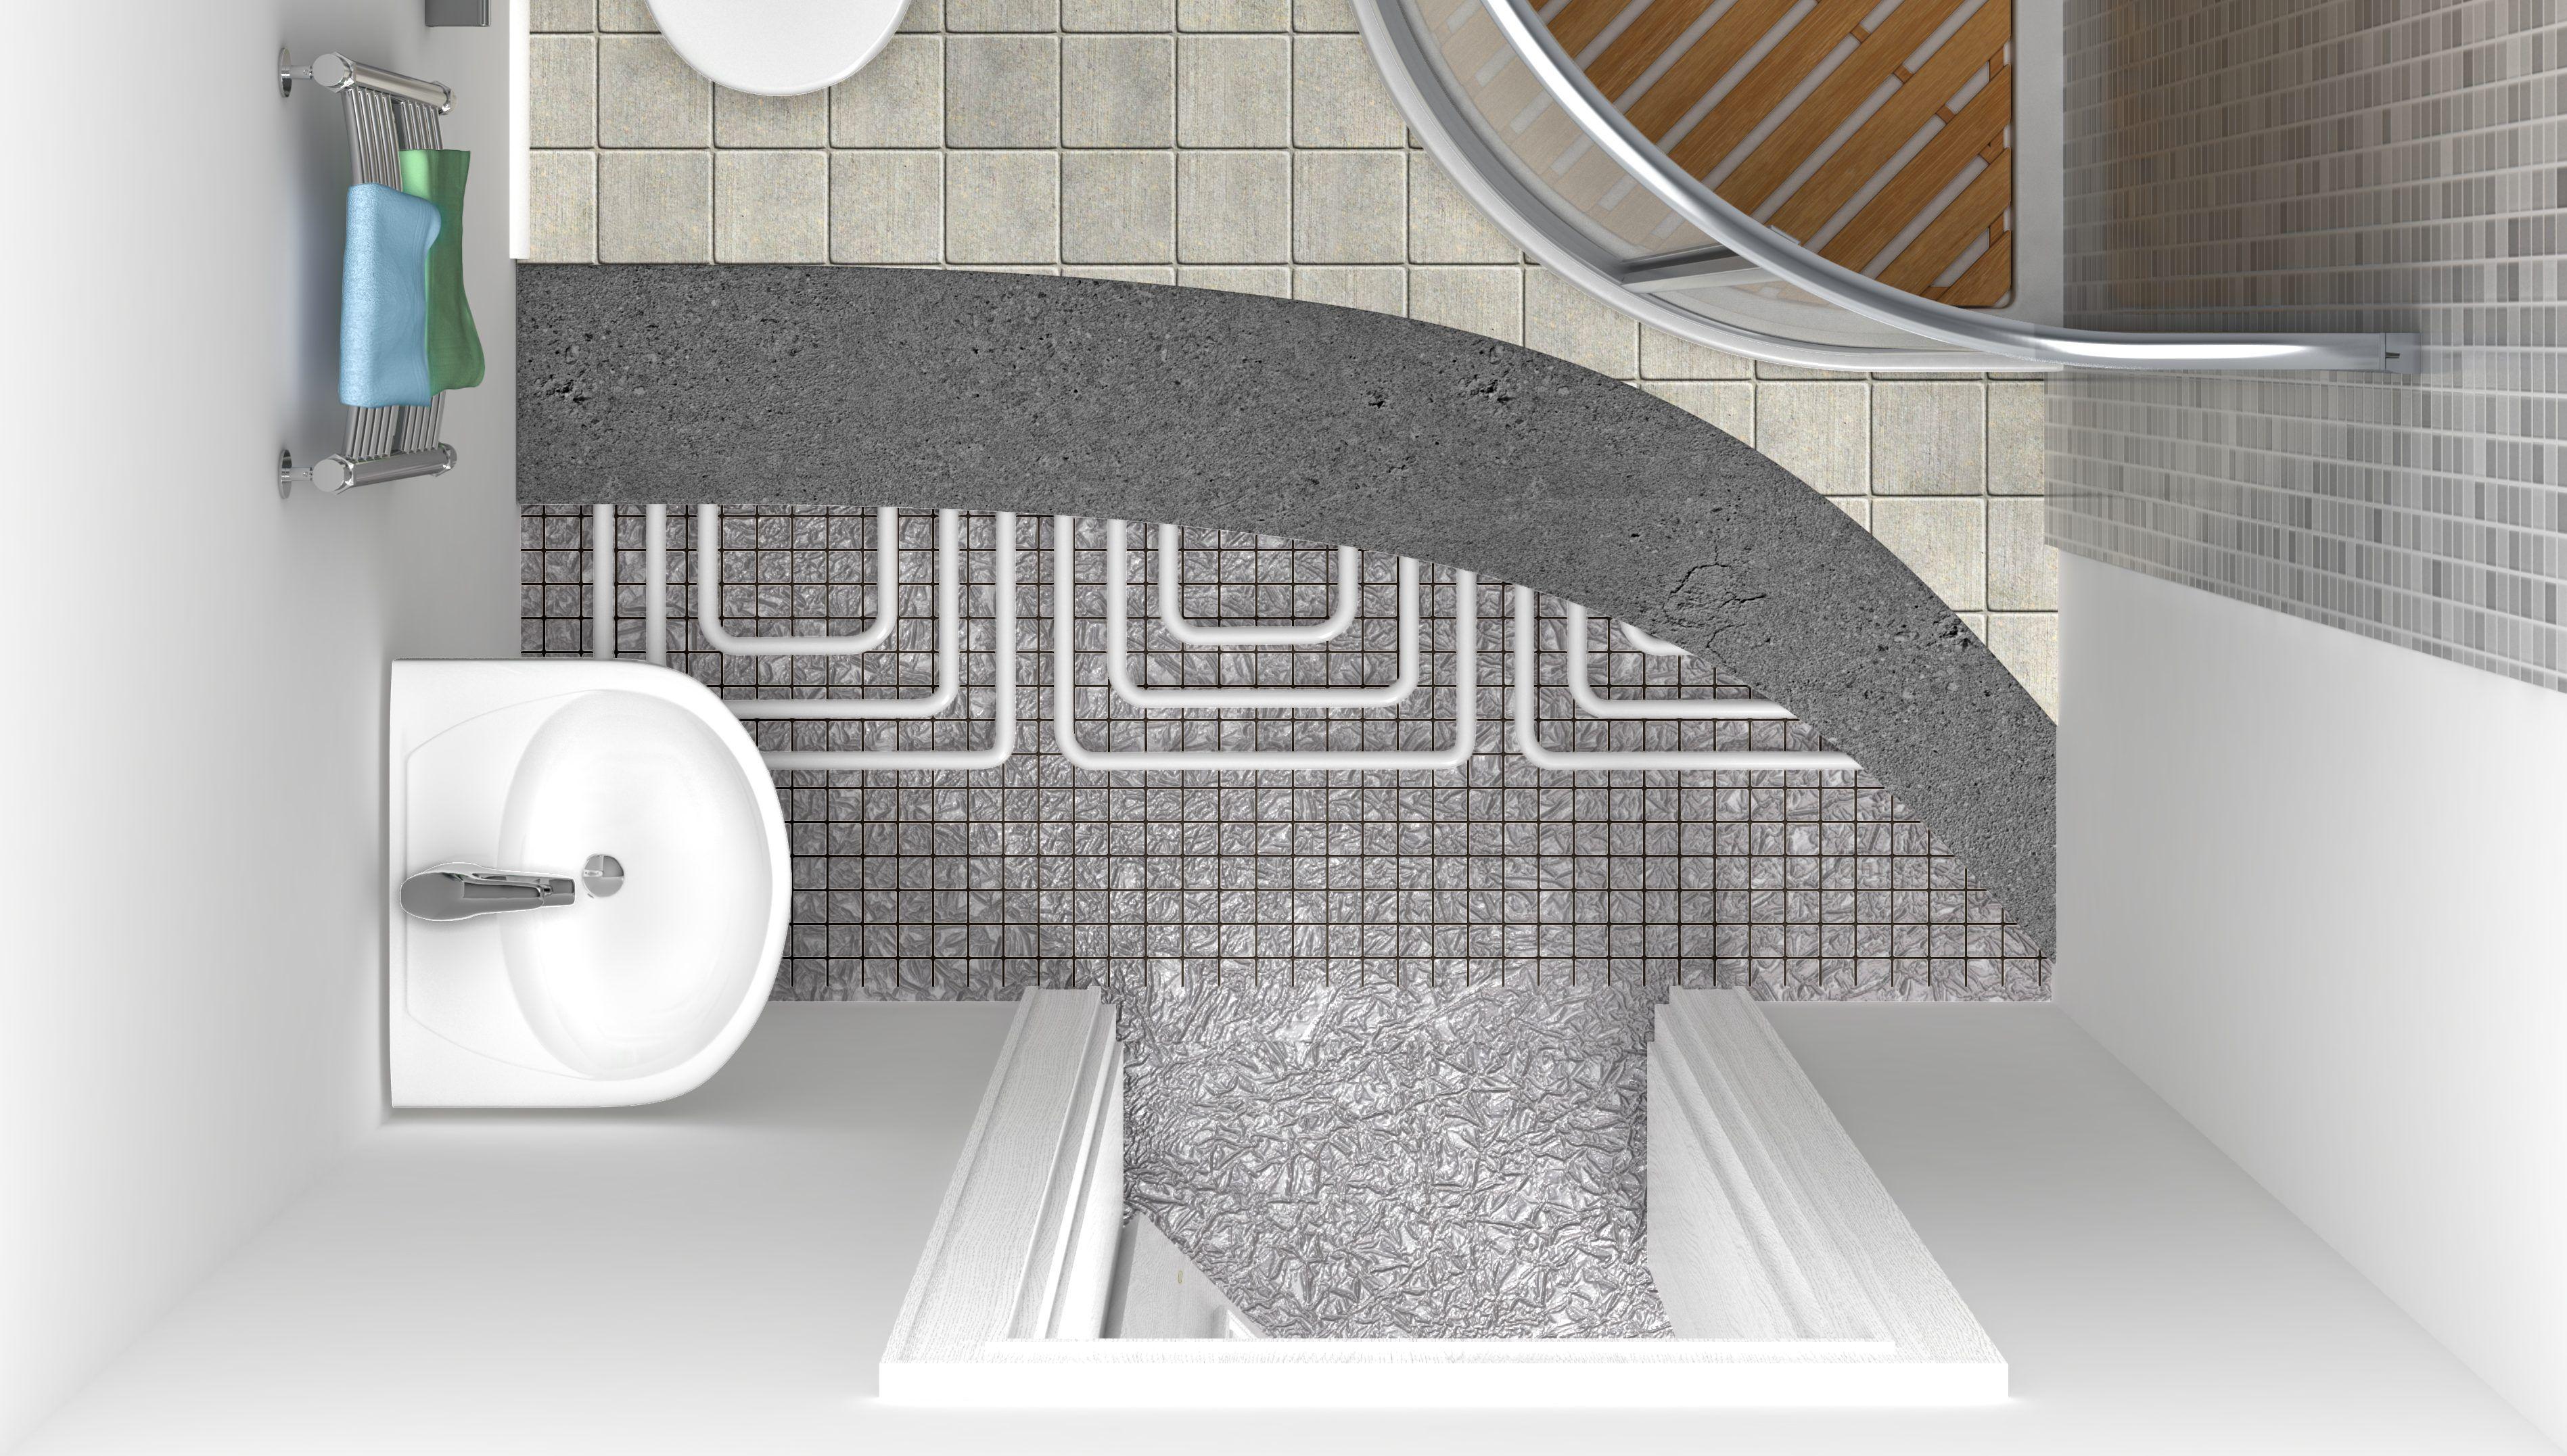 Welke Badkamer Verwarming : Badkamer verwarmen wat is de beste badkamer verwarming